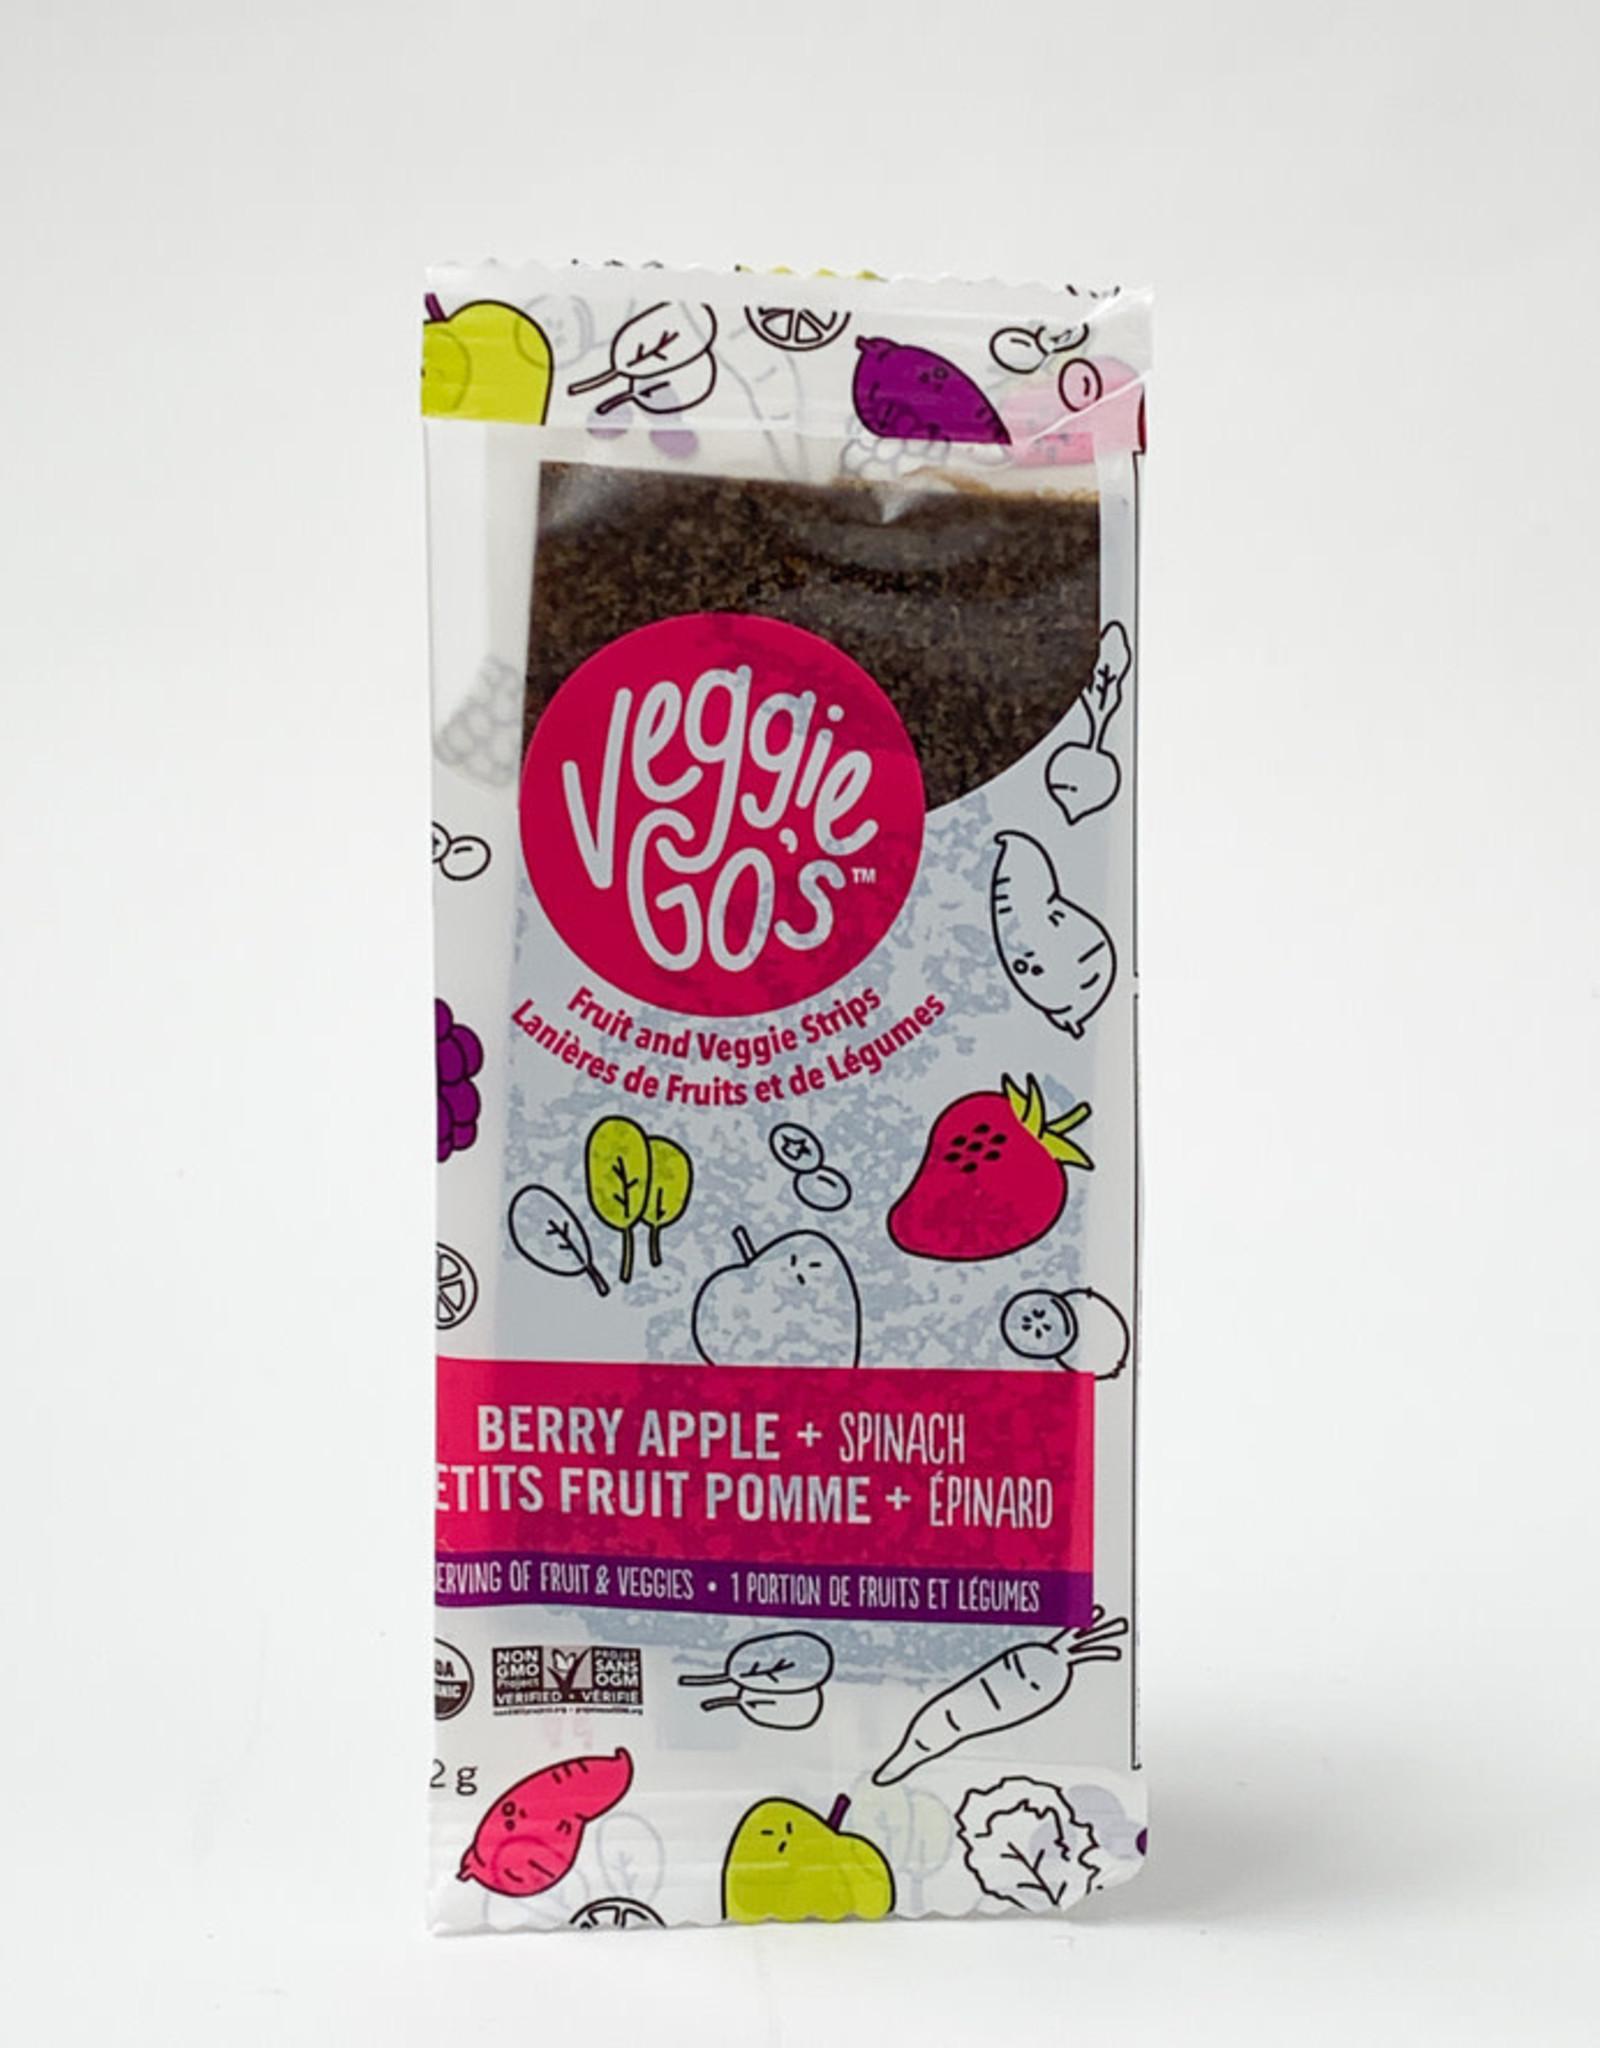 Veggie Gos Veggie Gos - Strips, Berry Apple & Spinach